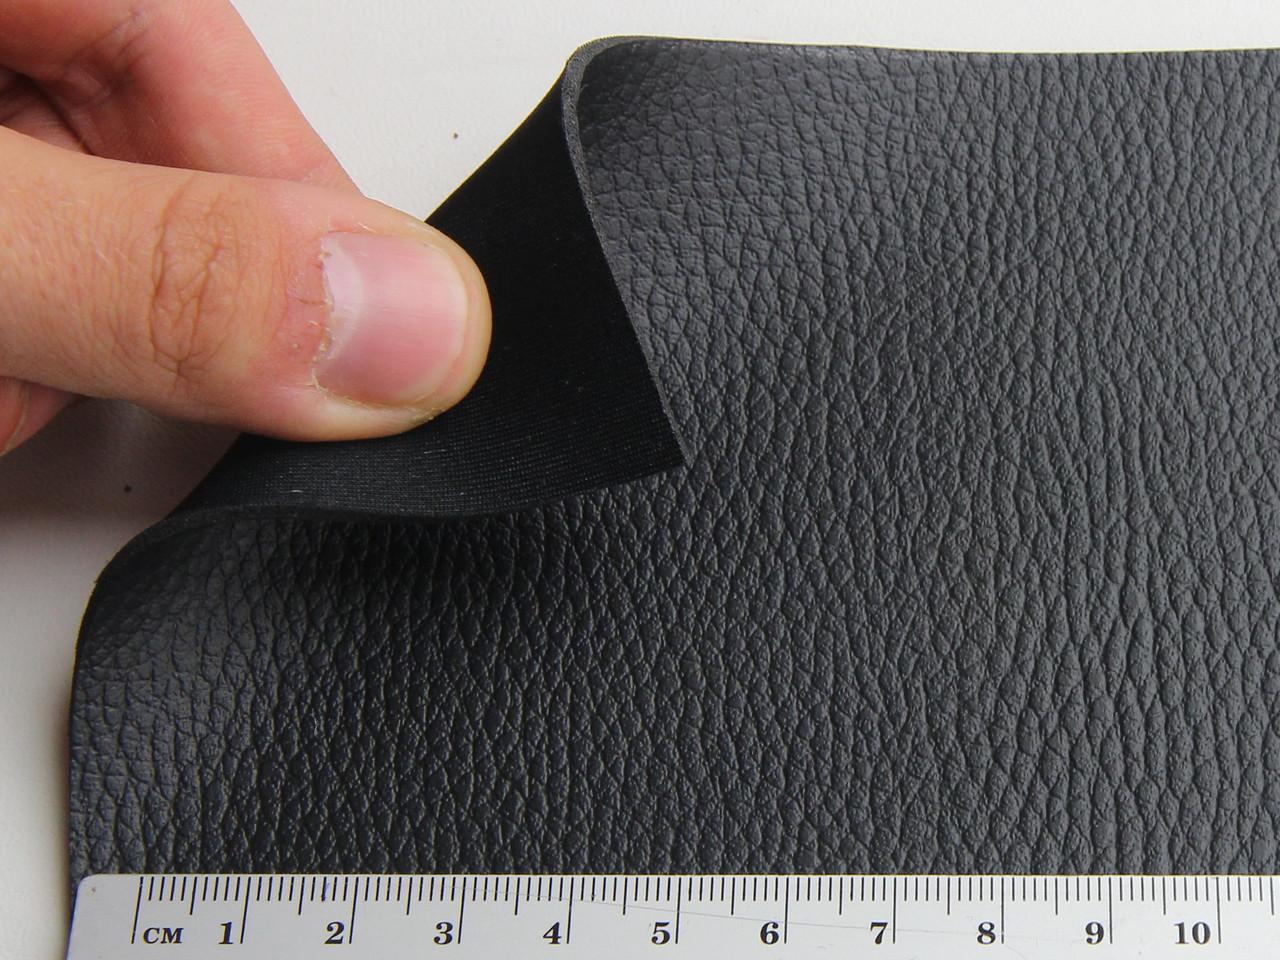 Термовинил чорний для перетяжки керма, дверних карт, панелей на каучуковій основі (tk-1)